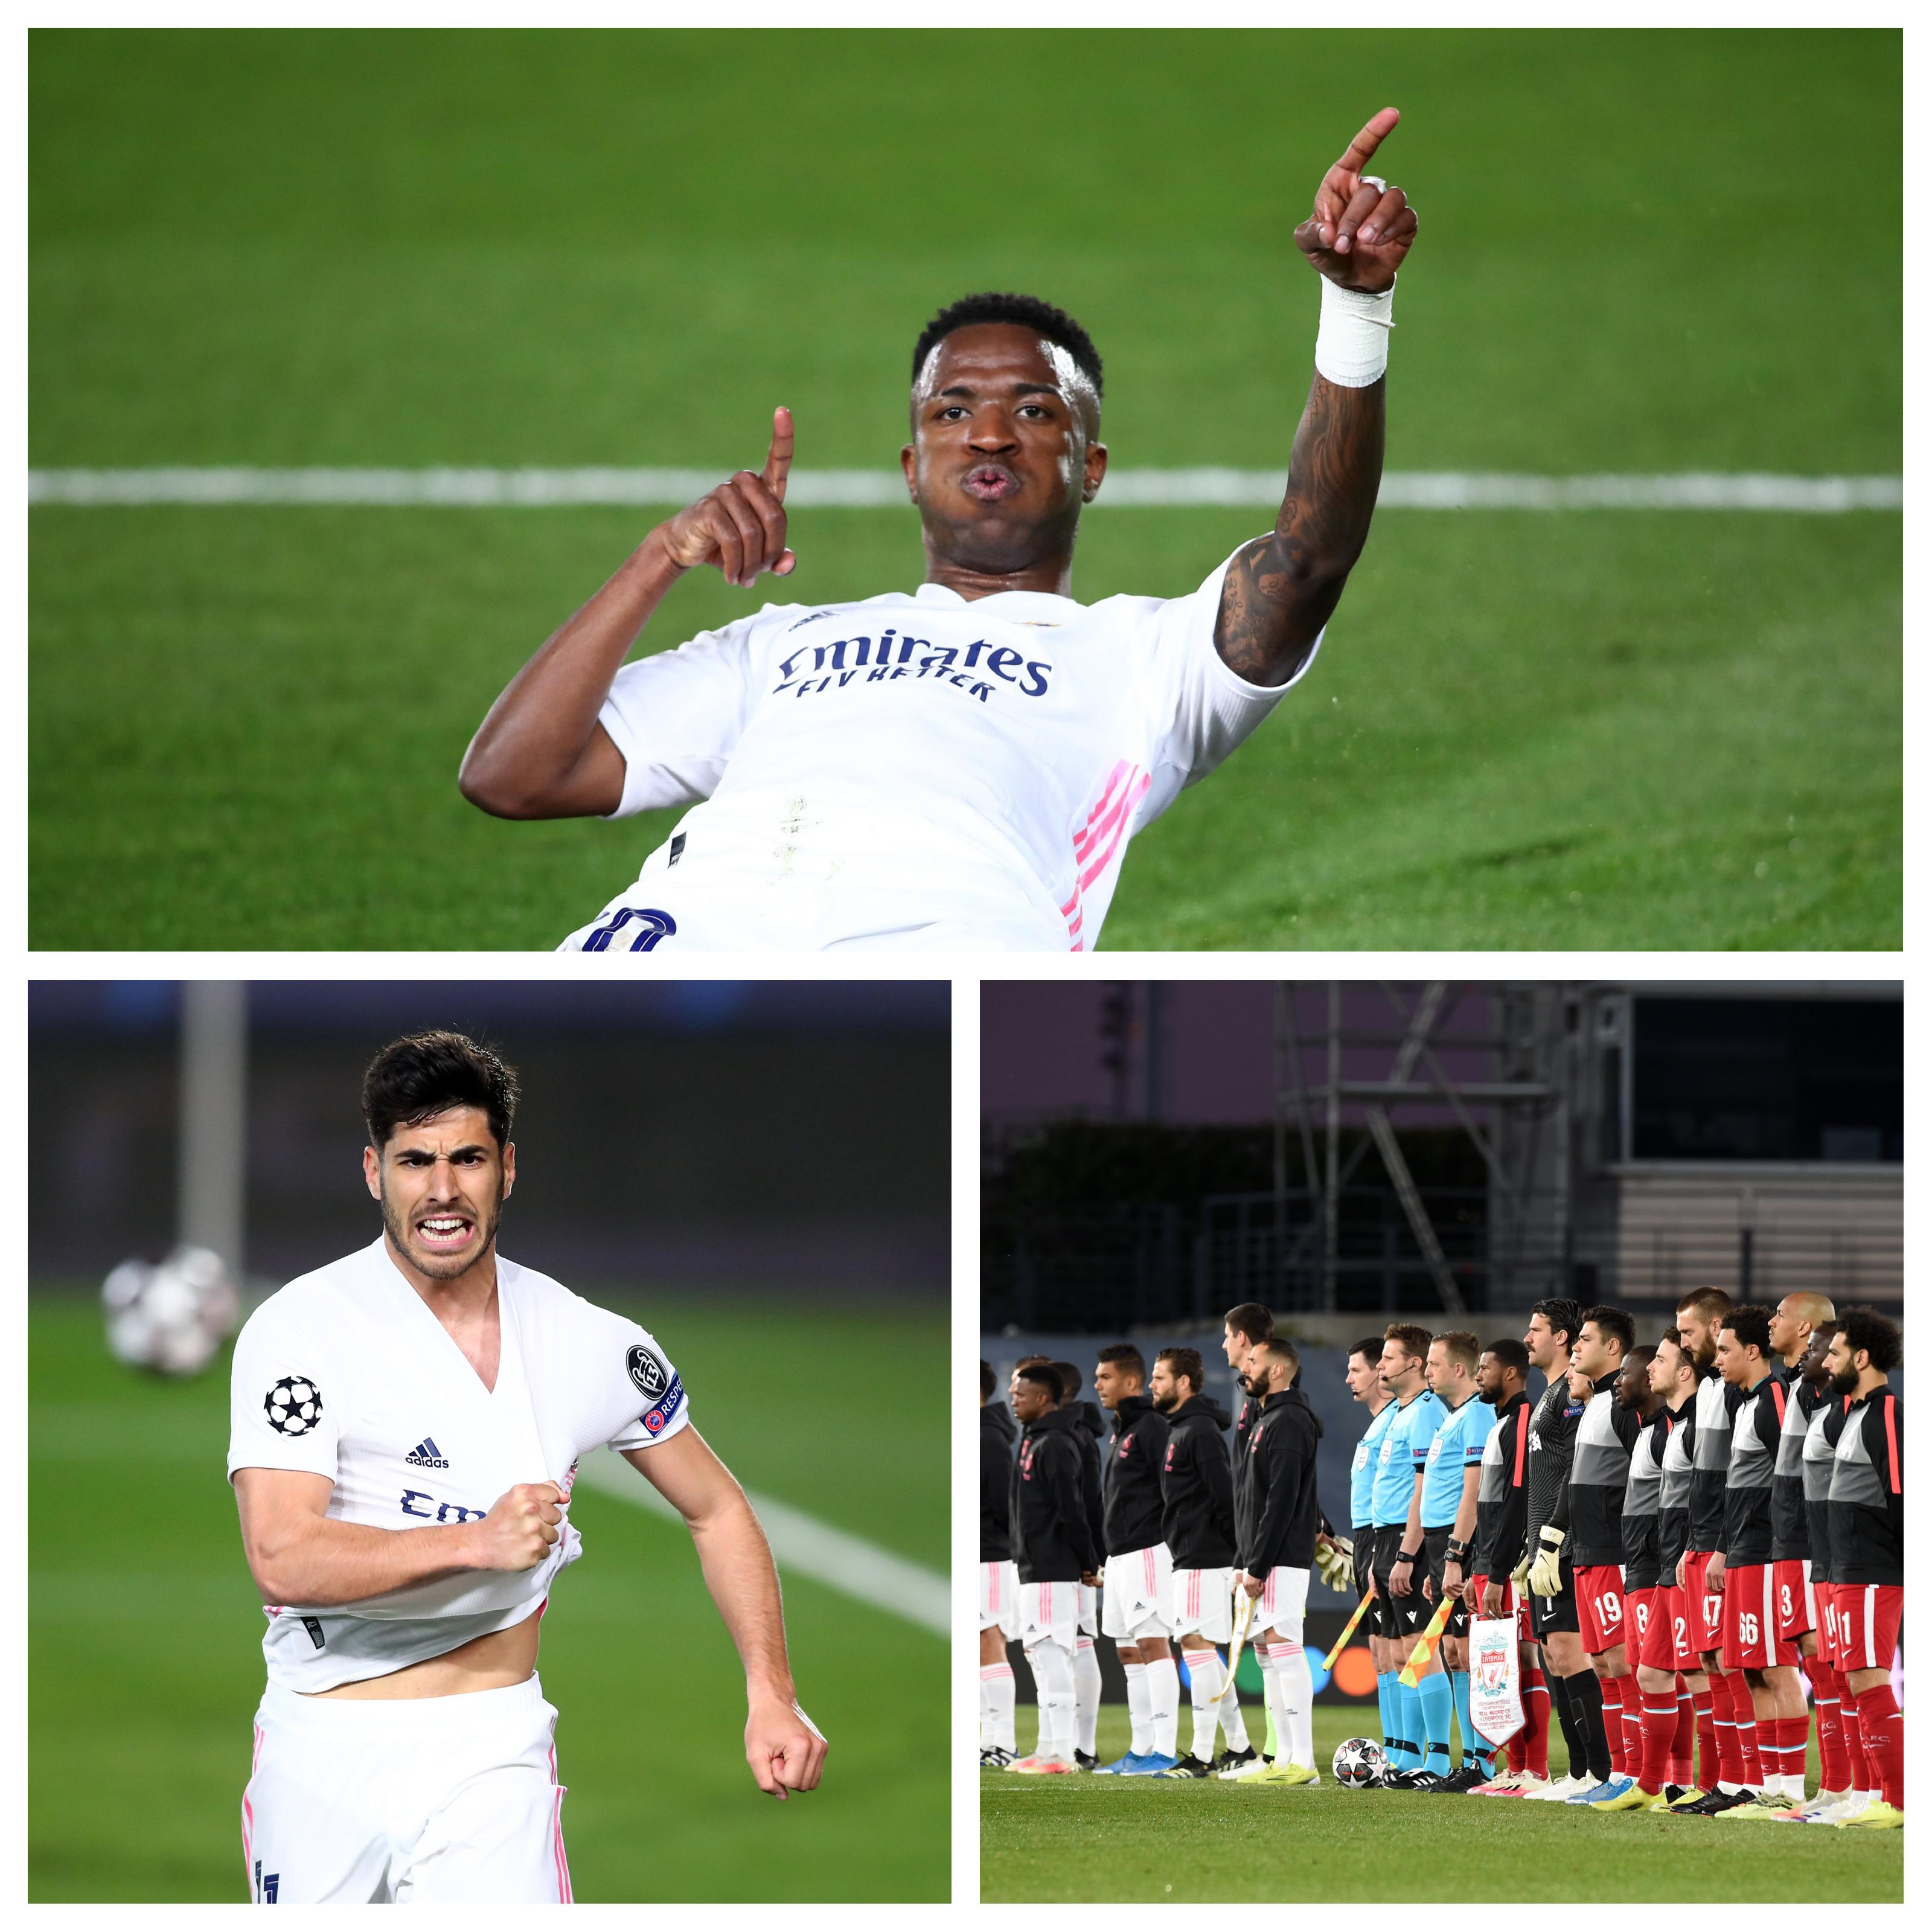 Liga šampiona: Vinicijus Žunior i Asensio za pobedu Real Madrida nad očajnim Liverpulom